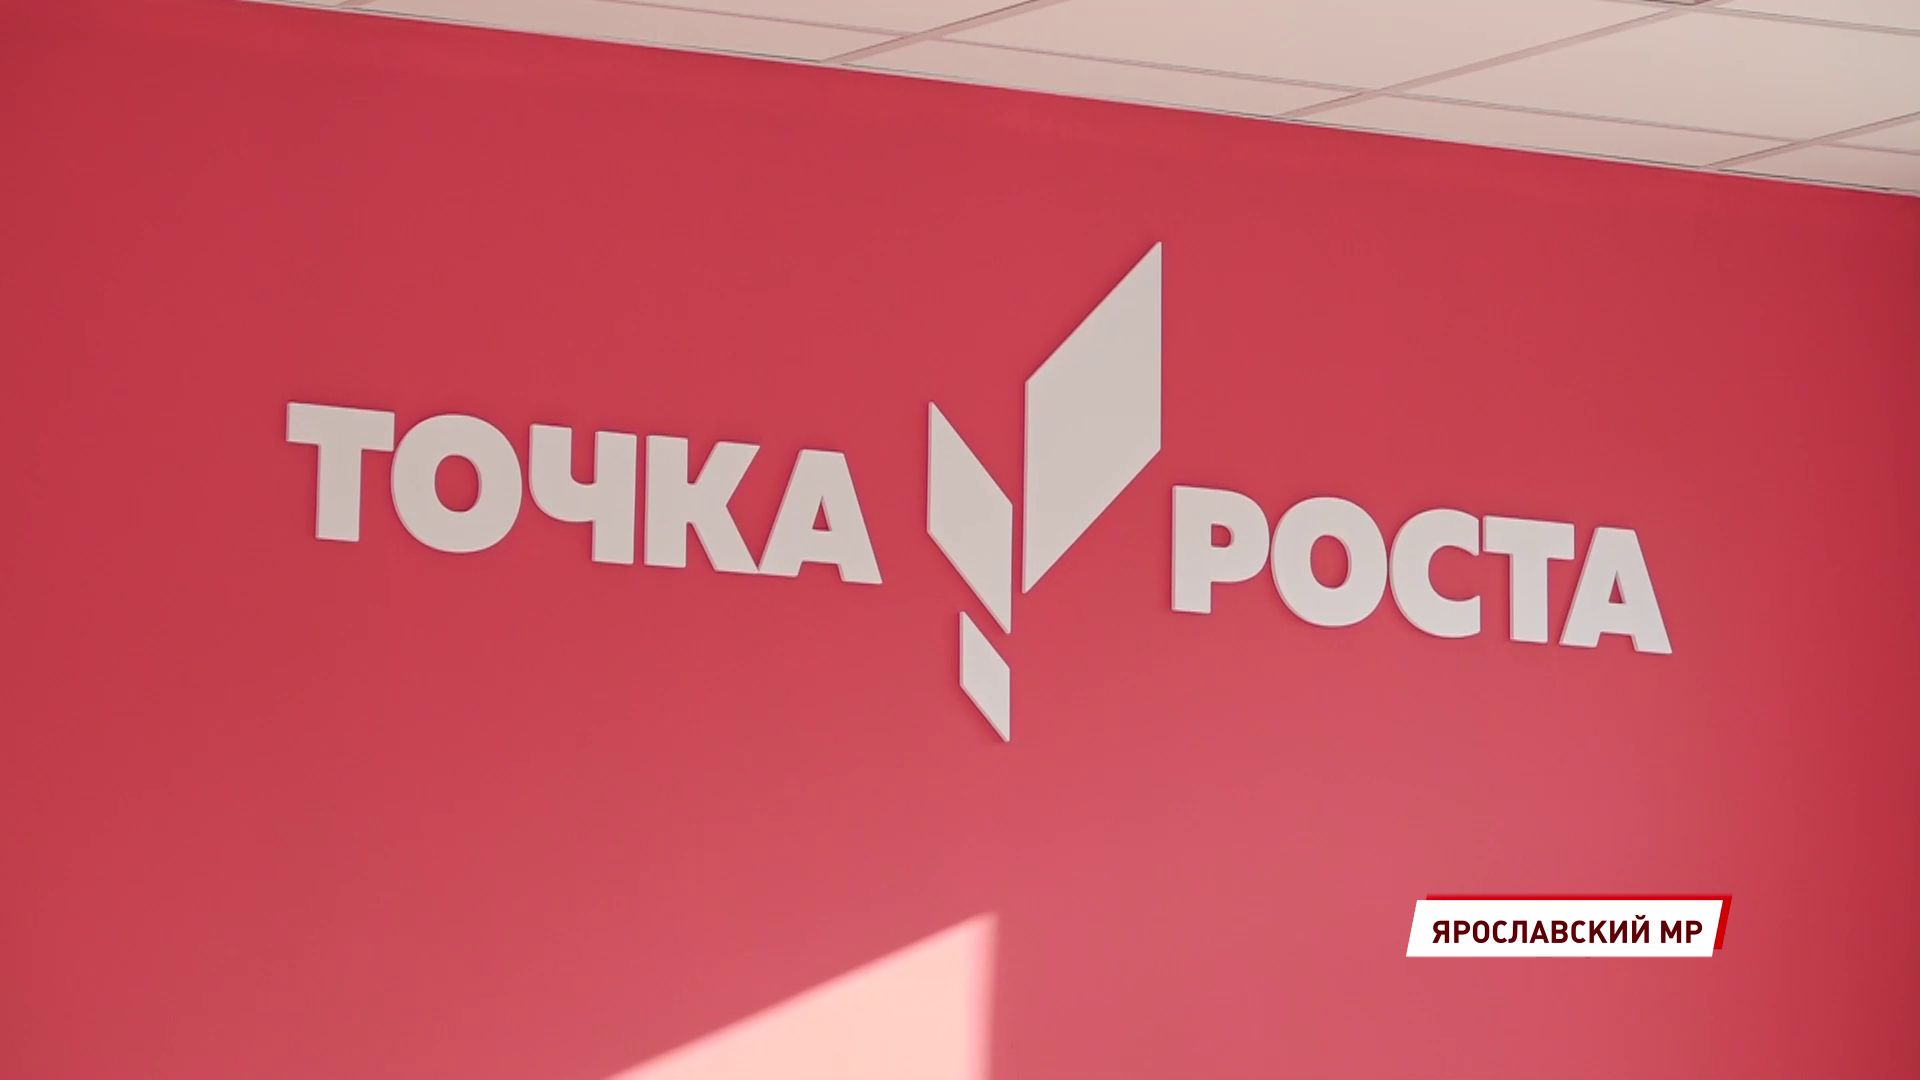 Второй мобильный кванториум отправился в путешествие по Ярославскому региону